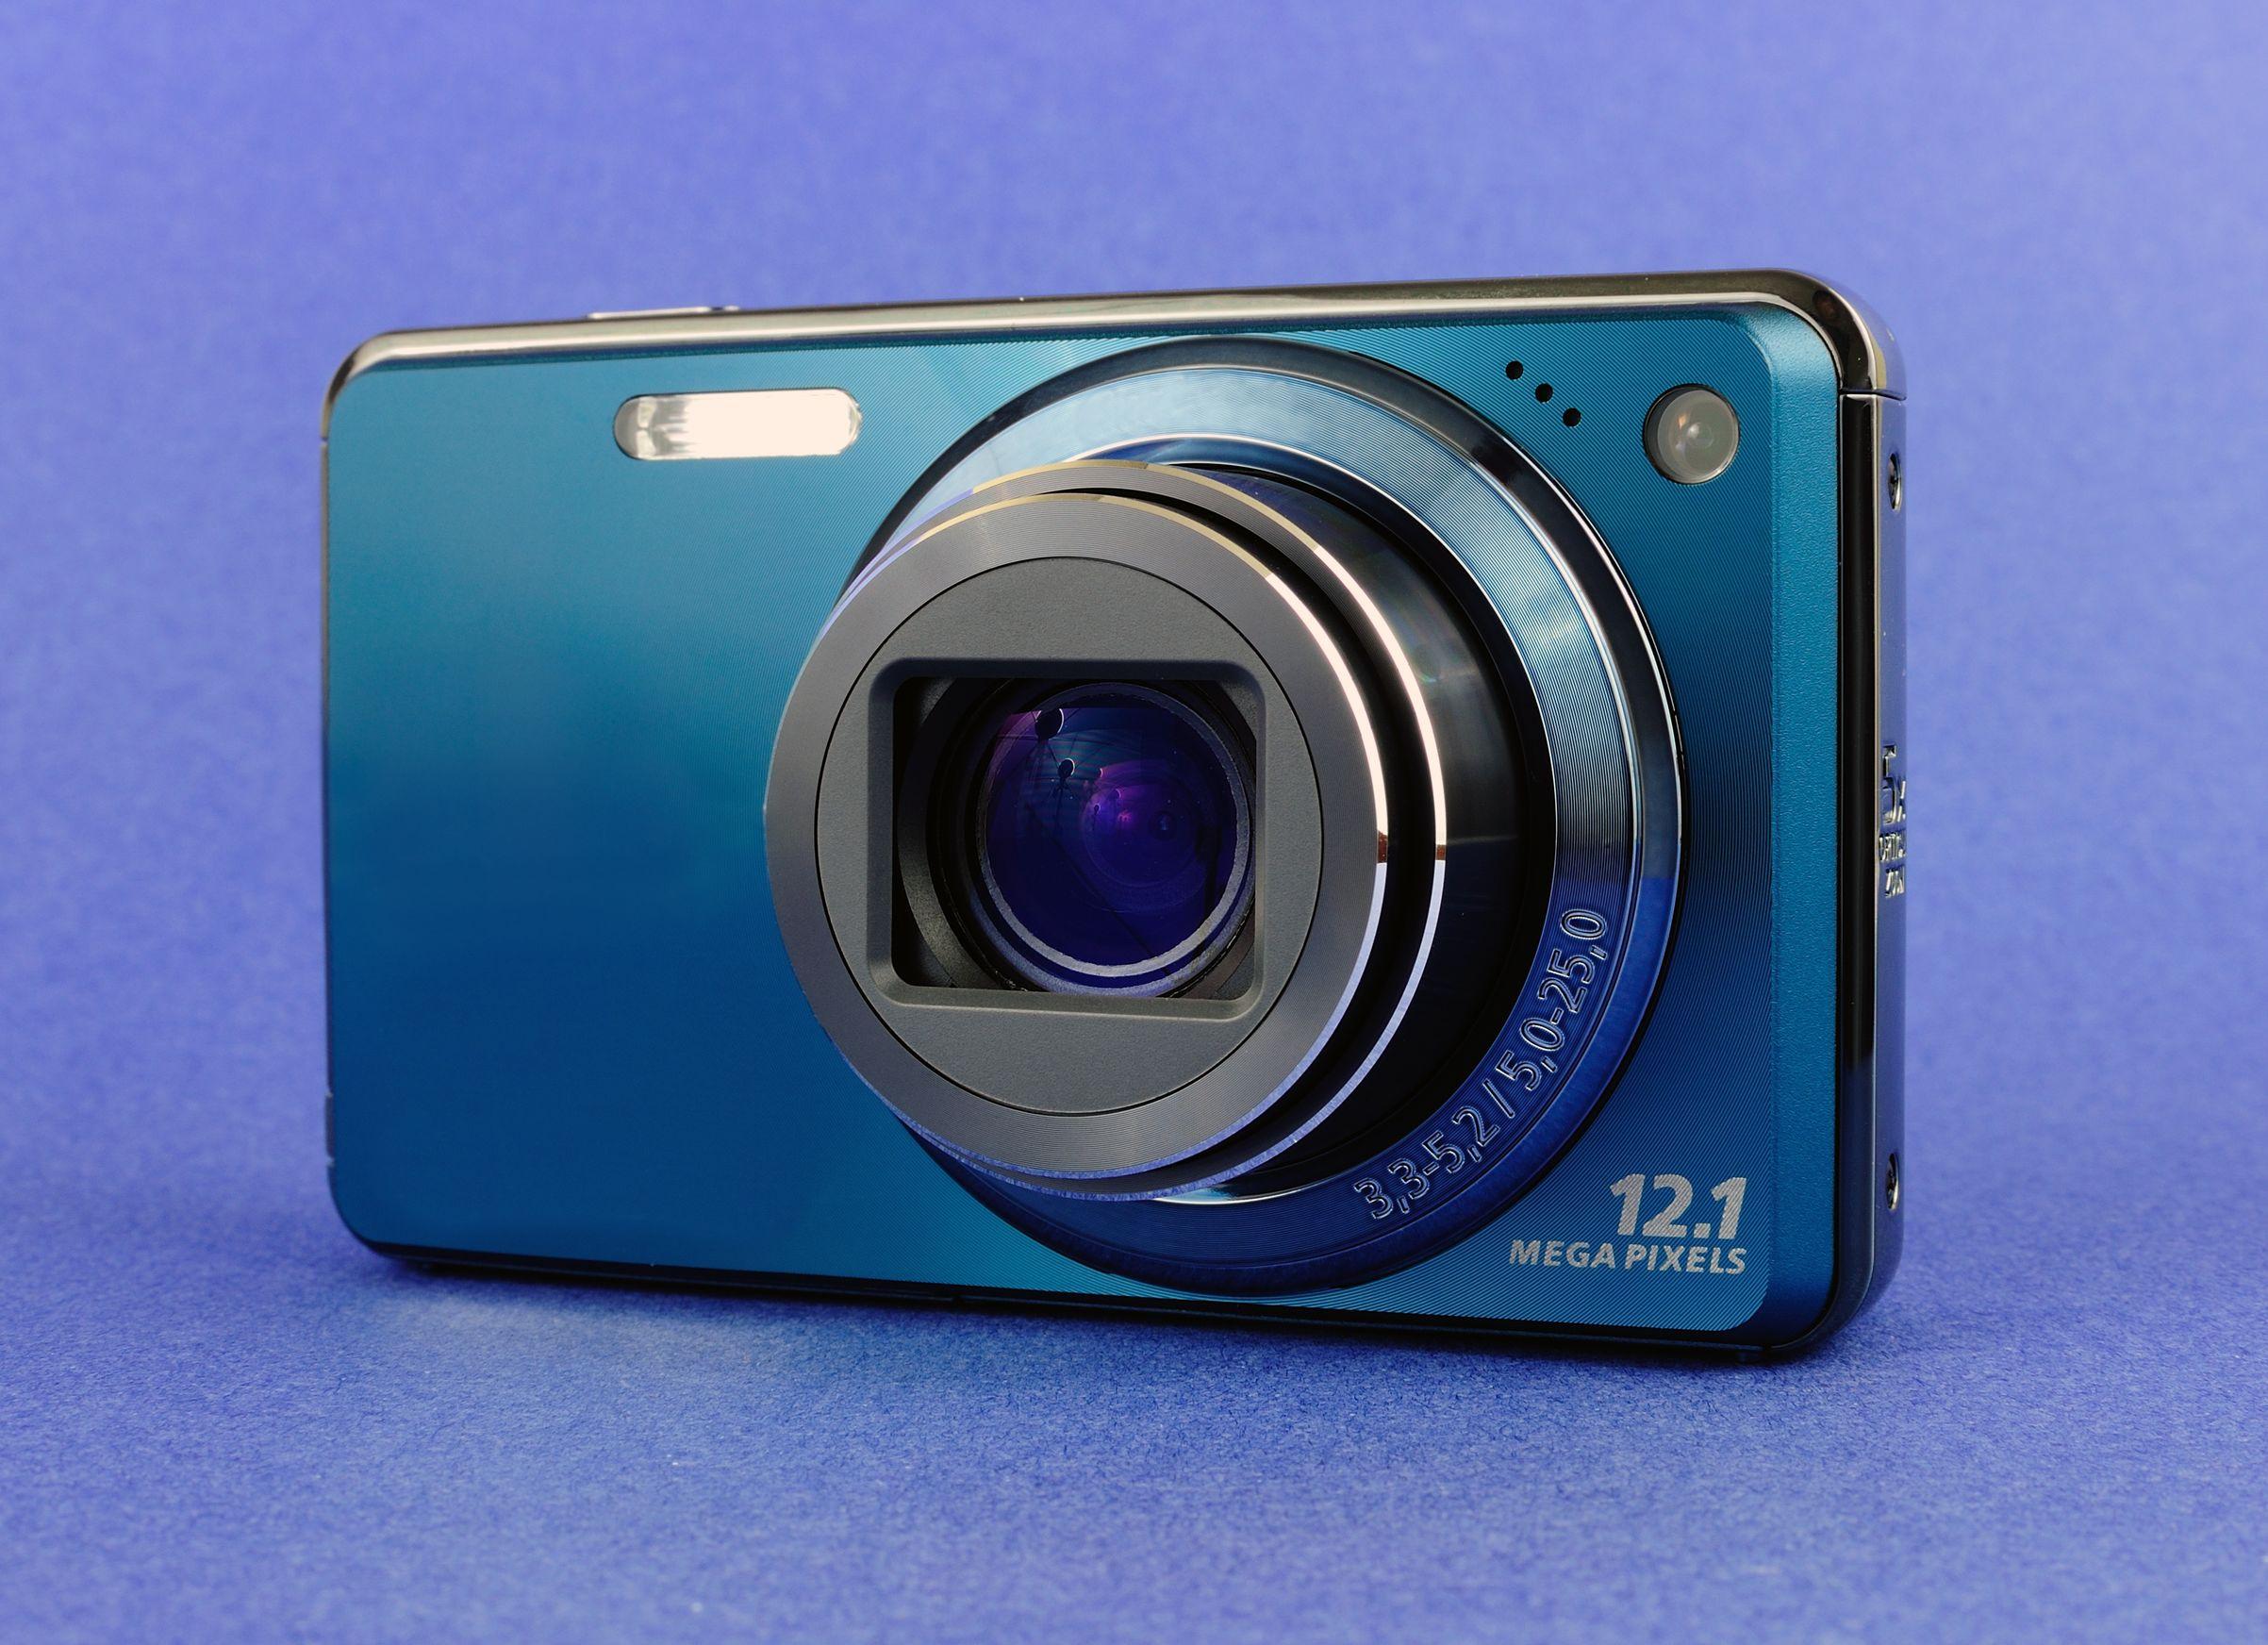 Compactcamera: Wat zijn de beste compactcamera's van 2020?